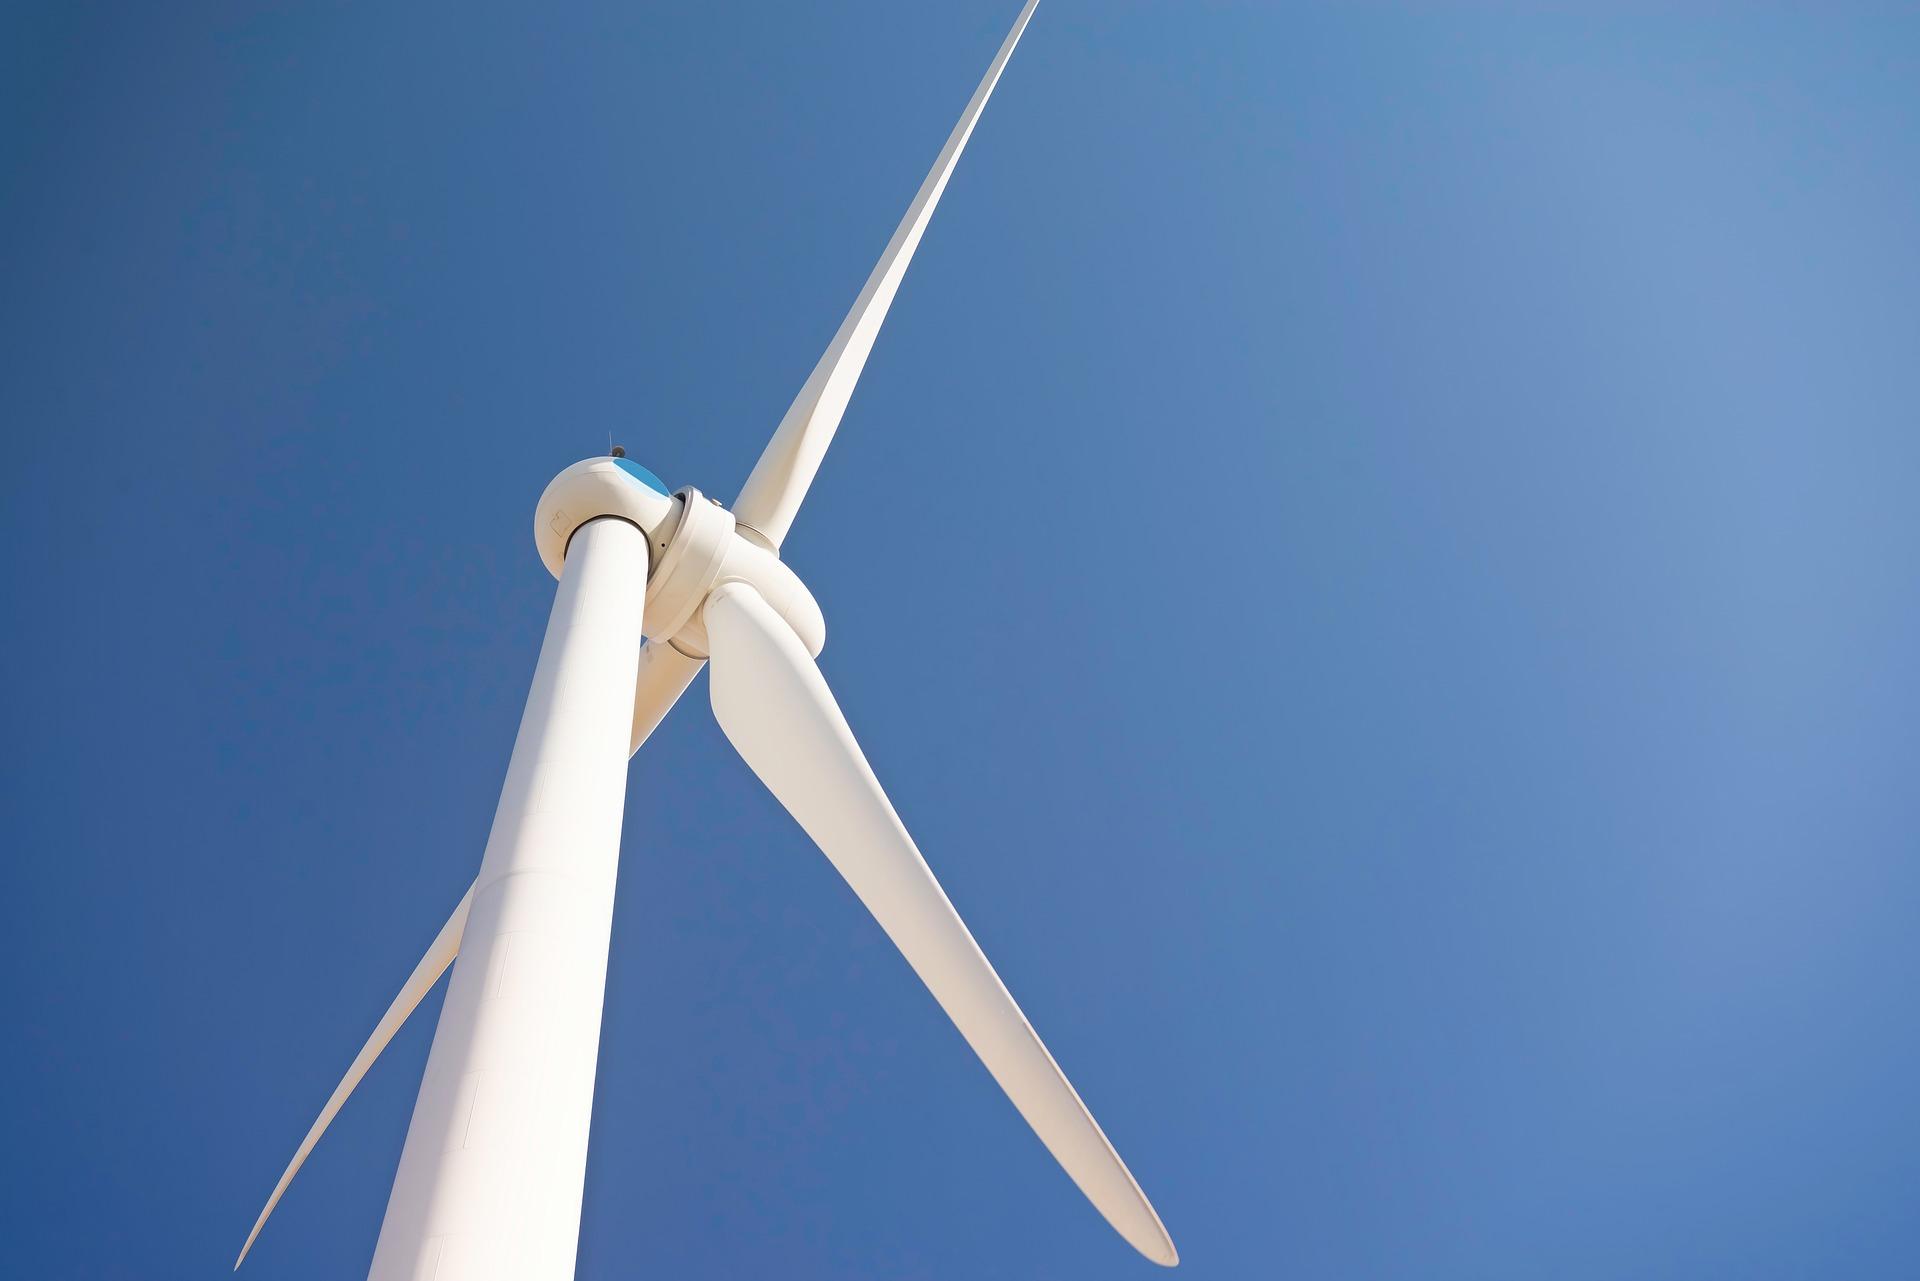 wind-3043896_1920